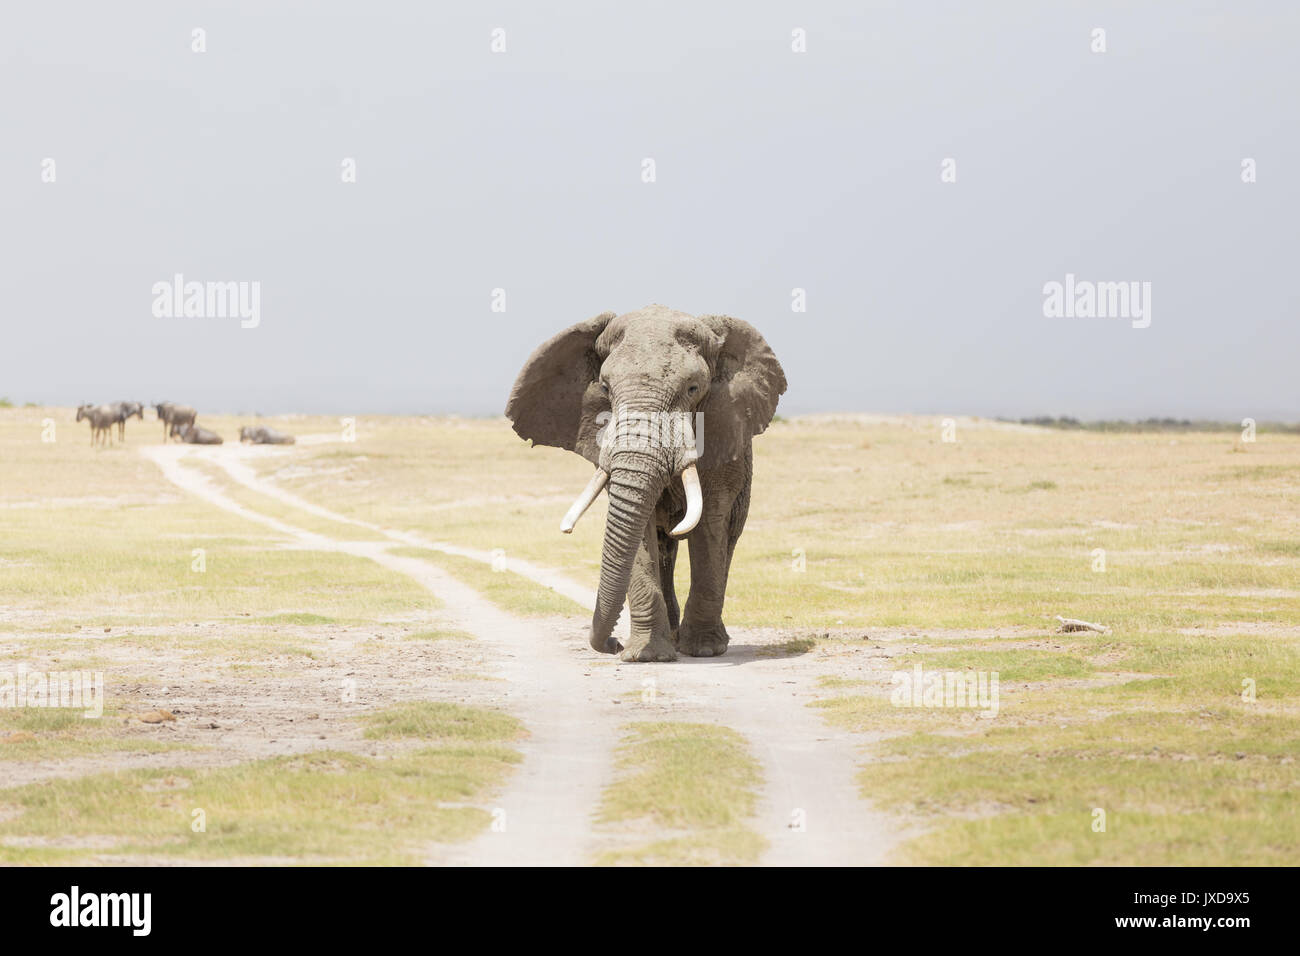 Herd of wild elephants in Amboseli National Park, Kenya. - Stock Image